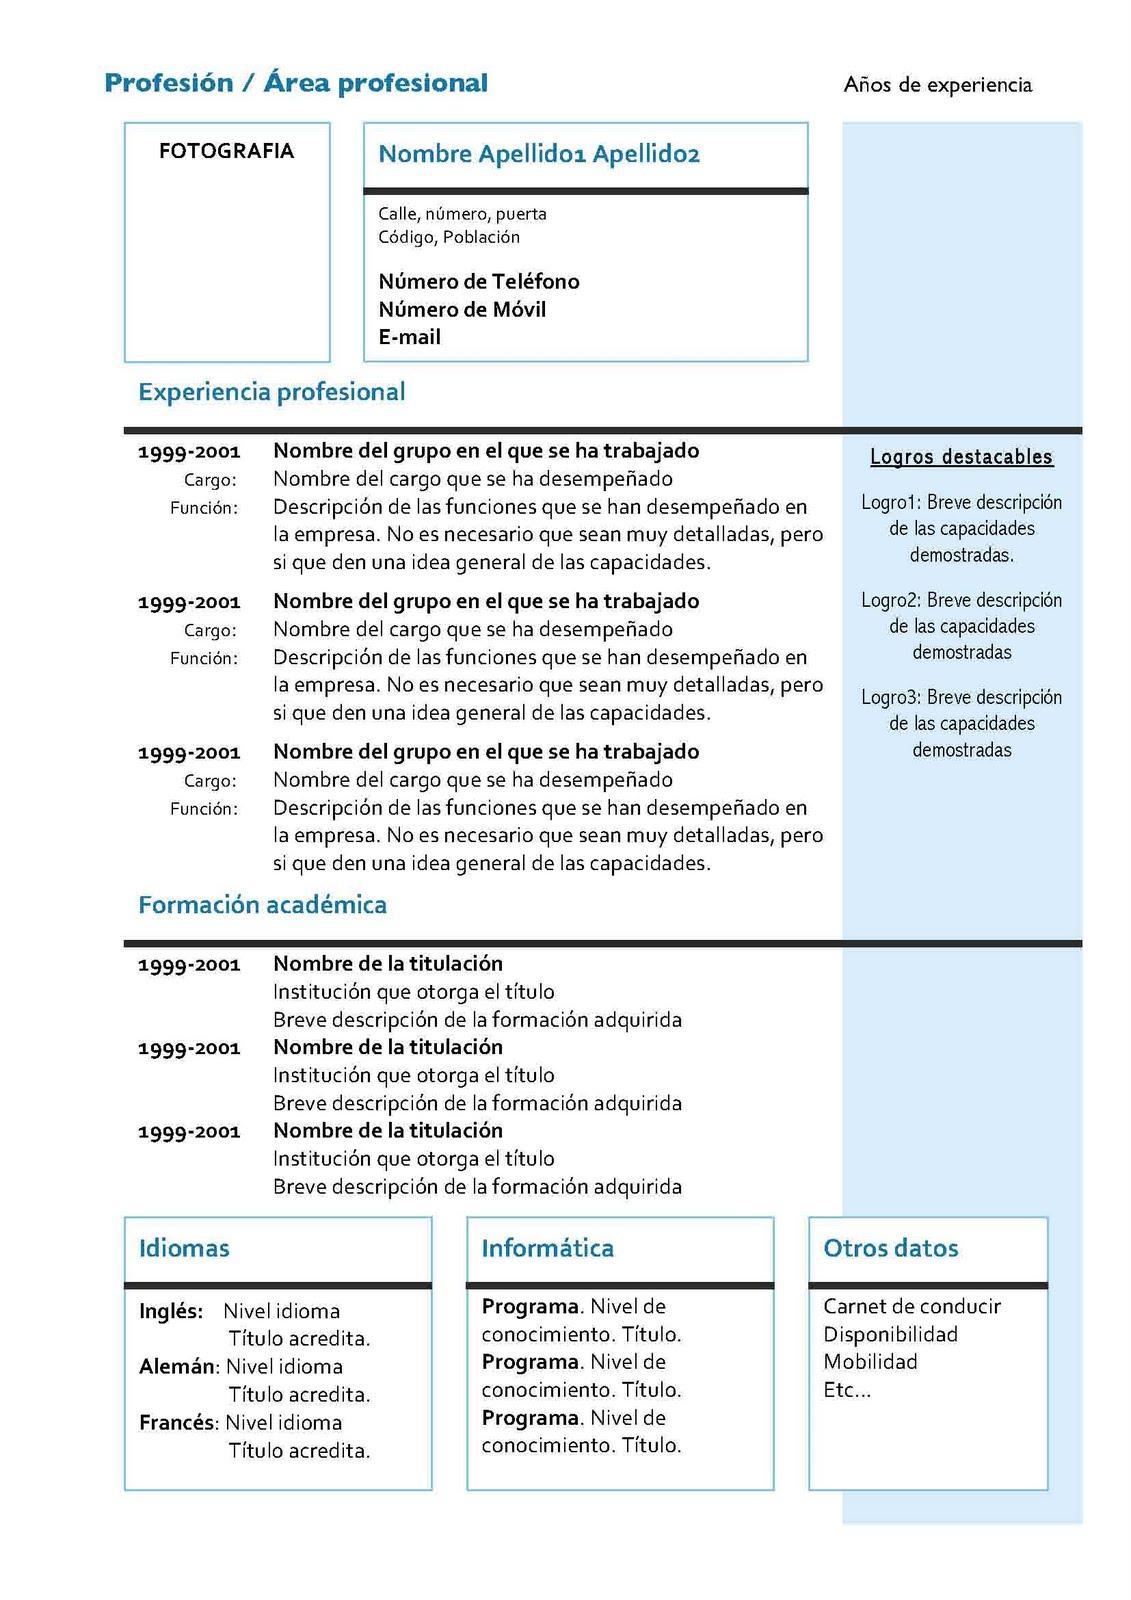 Metáfora: Instrucciones para elaborar mi CV (Hoja de vida)